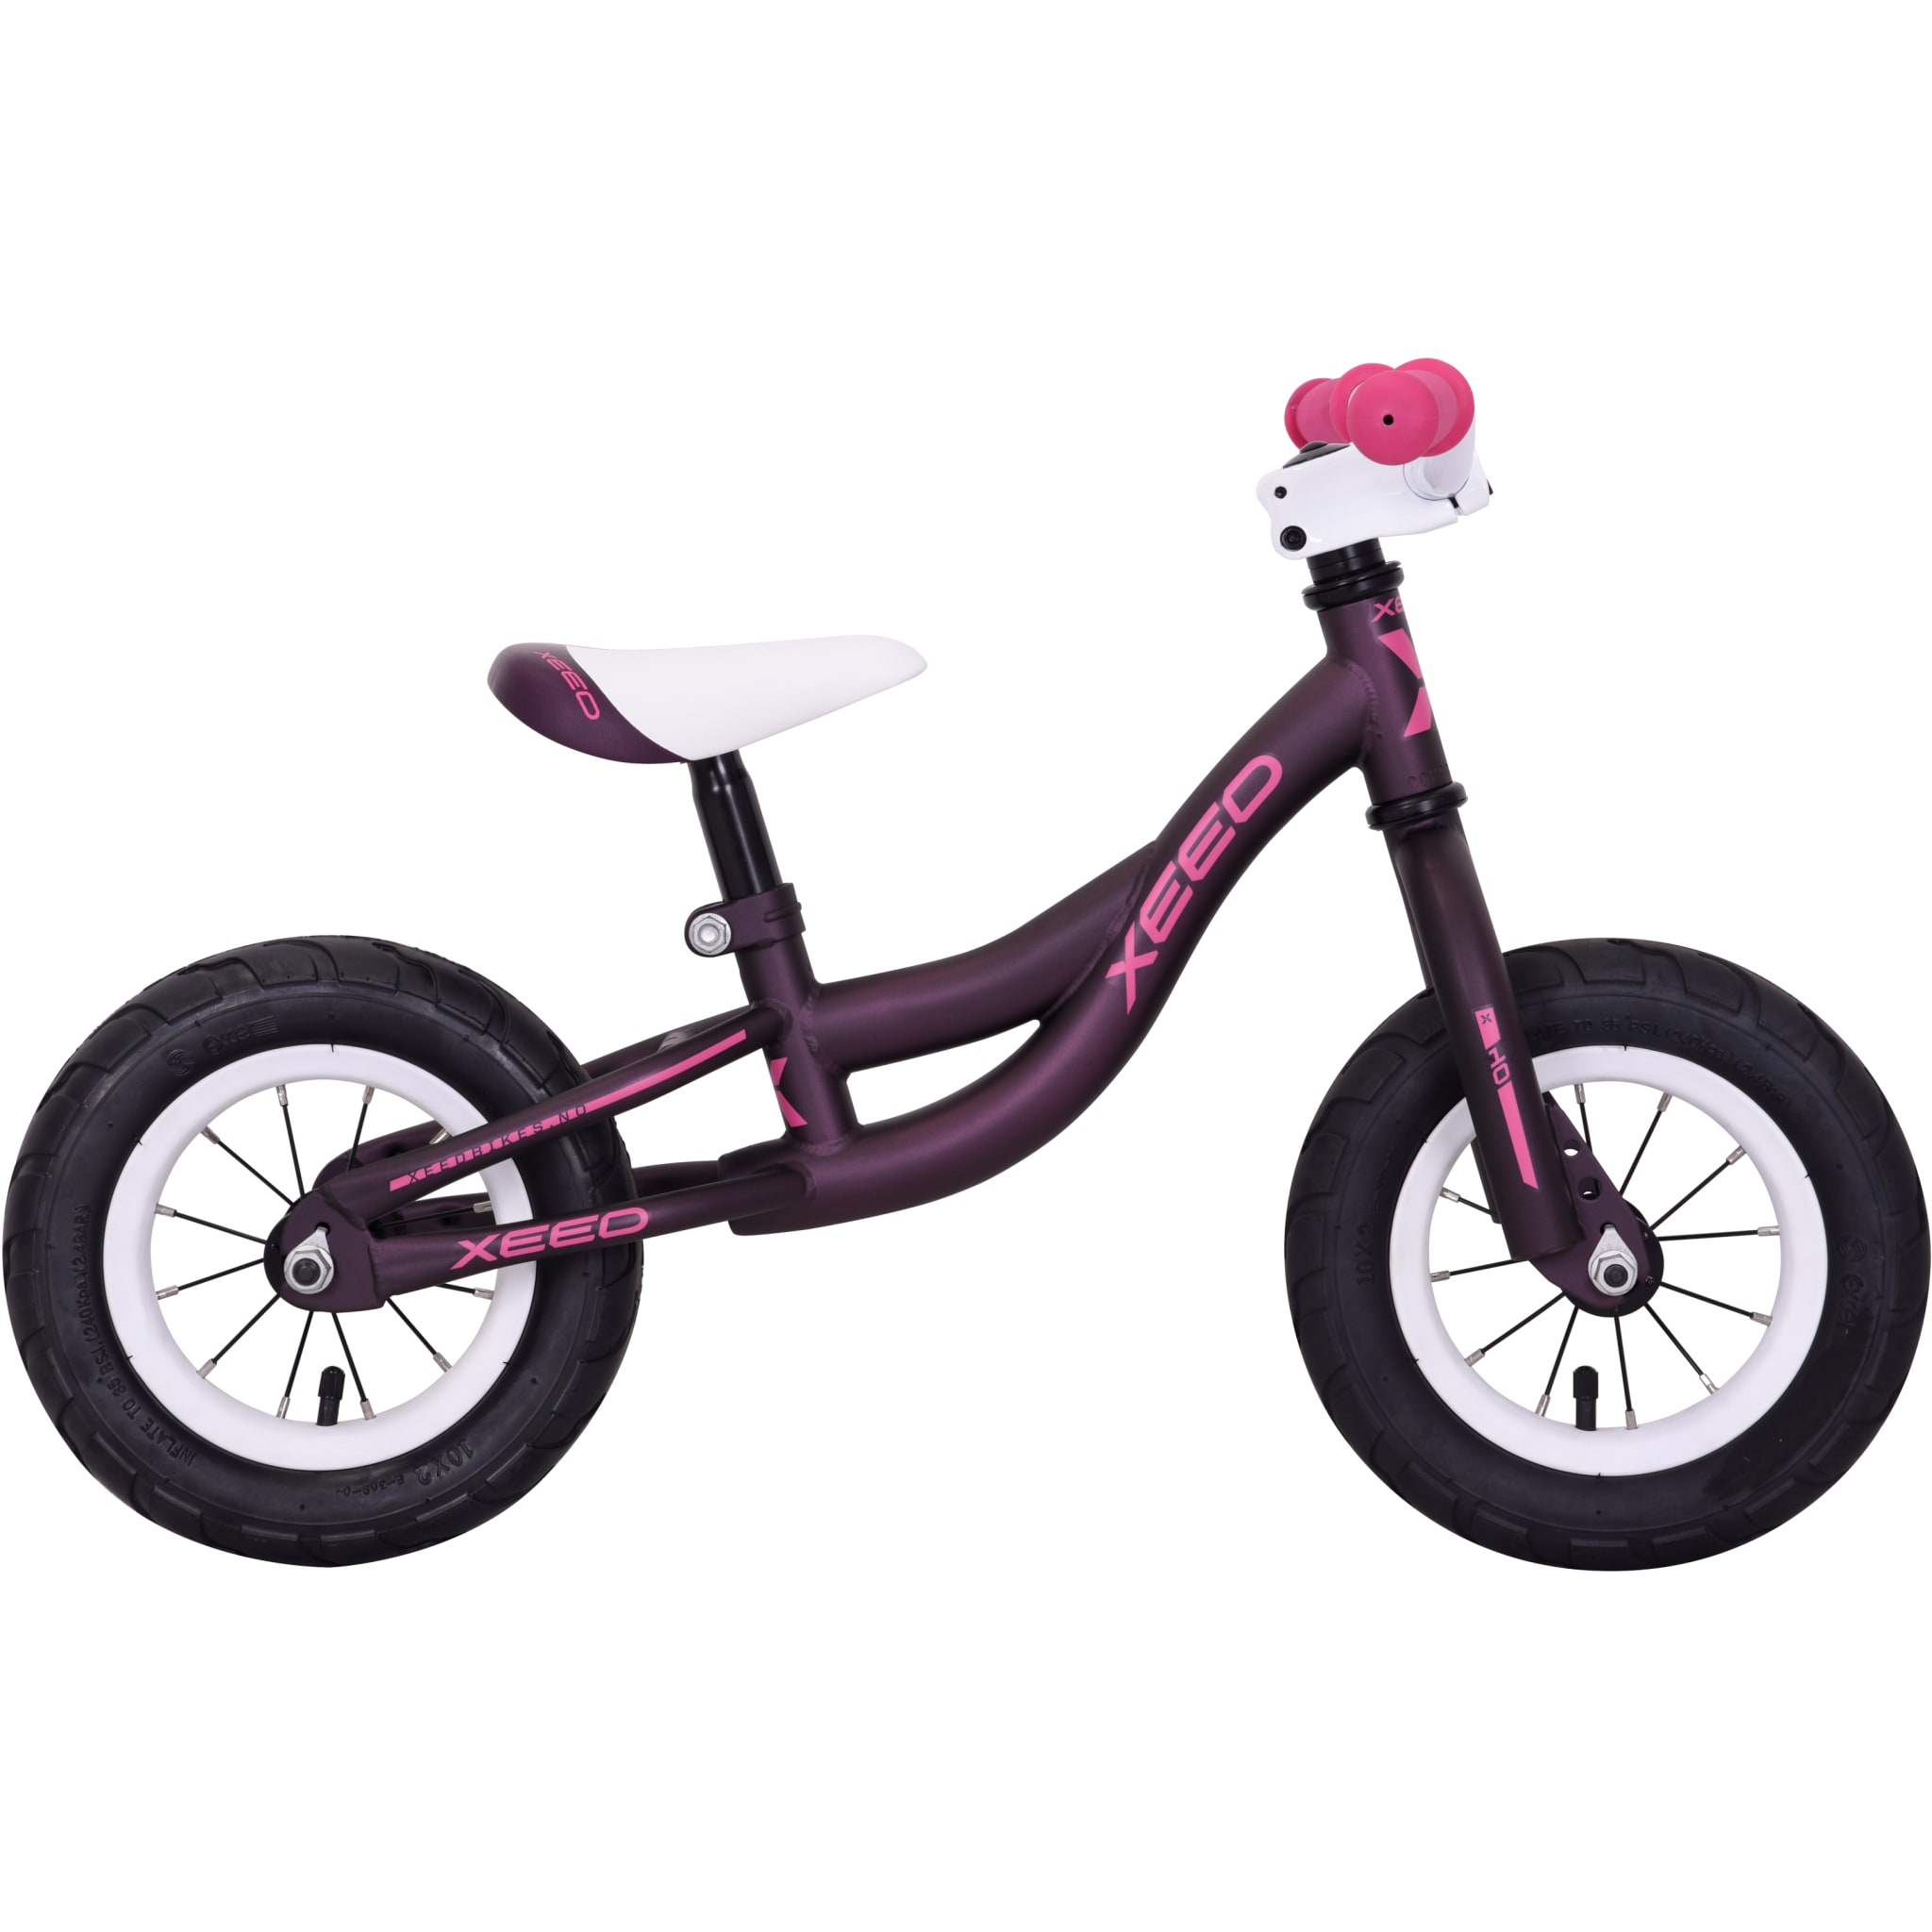 """Smart løpesykkel med 10"""" hjul for barn som snart skal lære å sykle."""